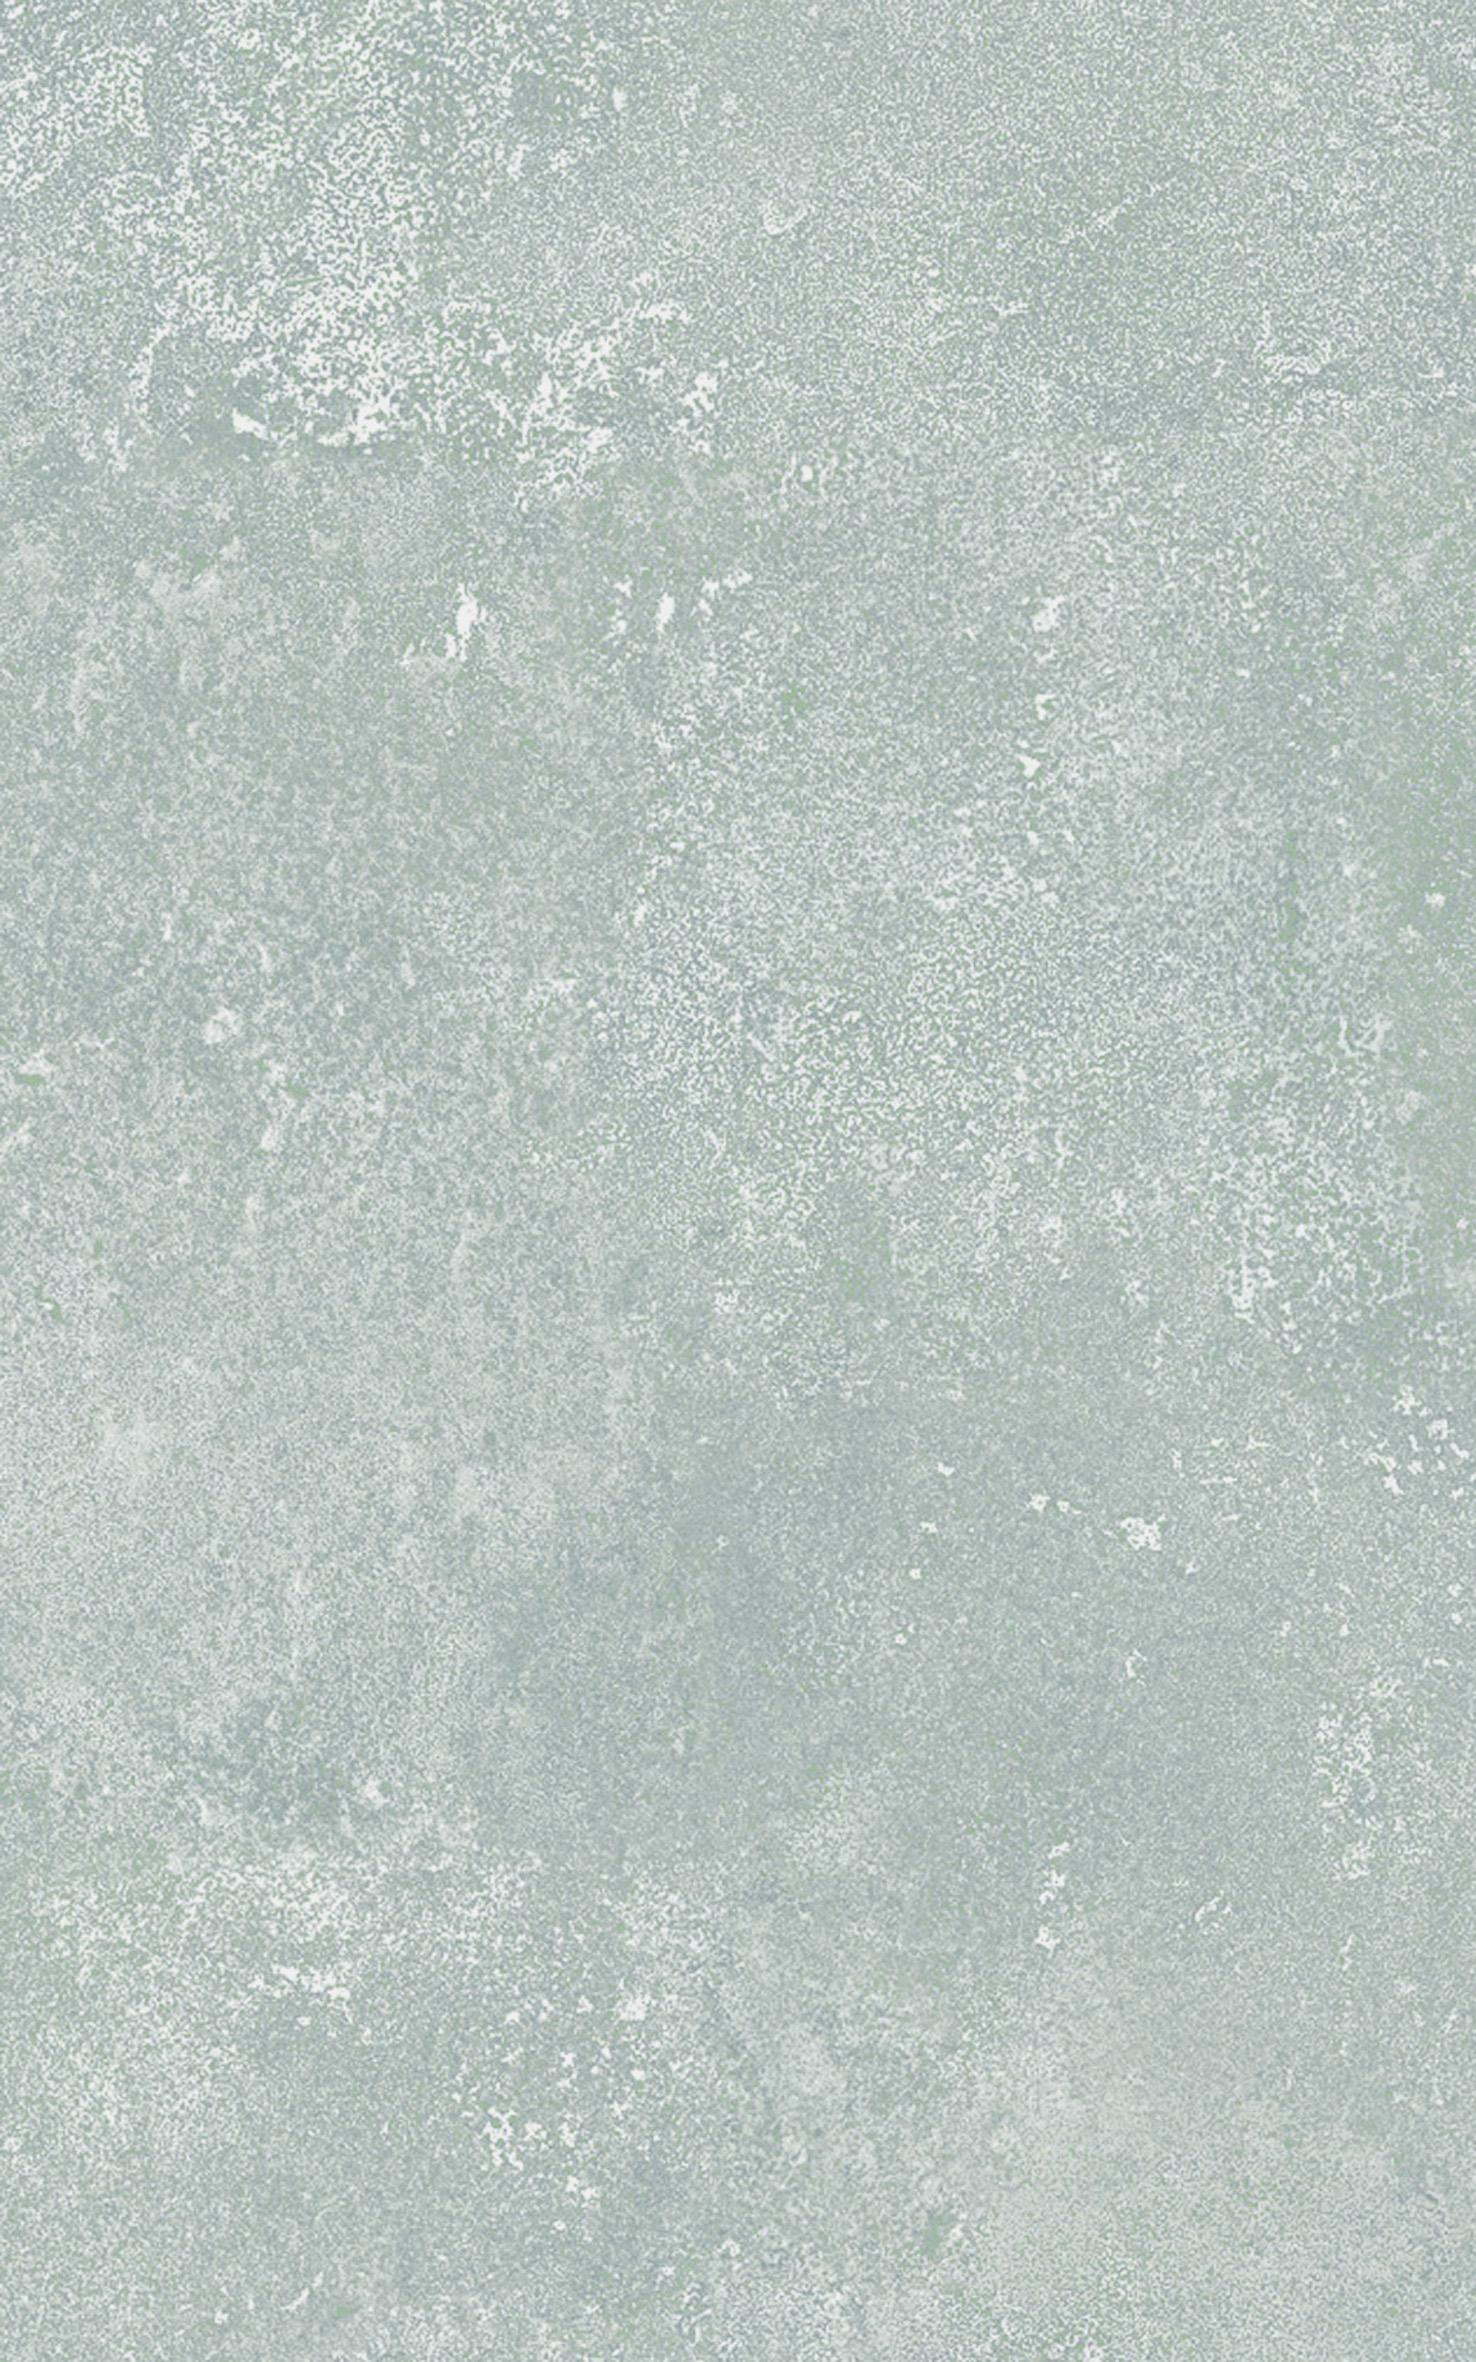 11b Lounge perla 25x40 - Hansas Plaadimaailm